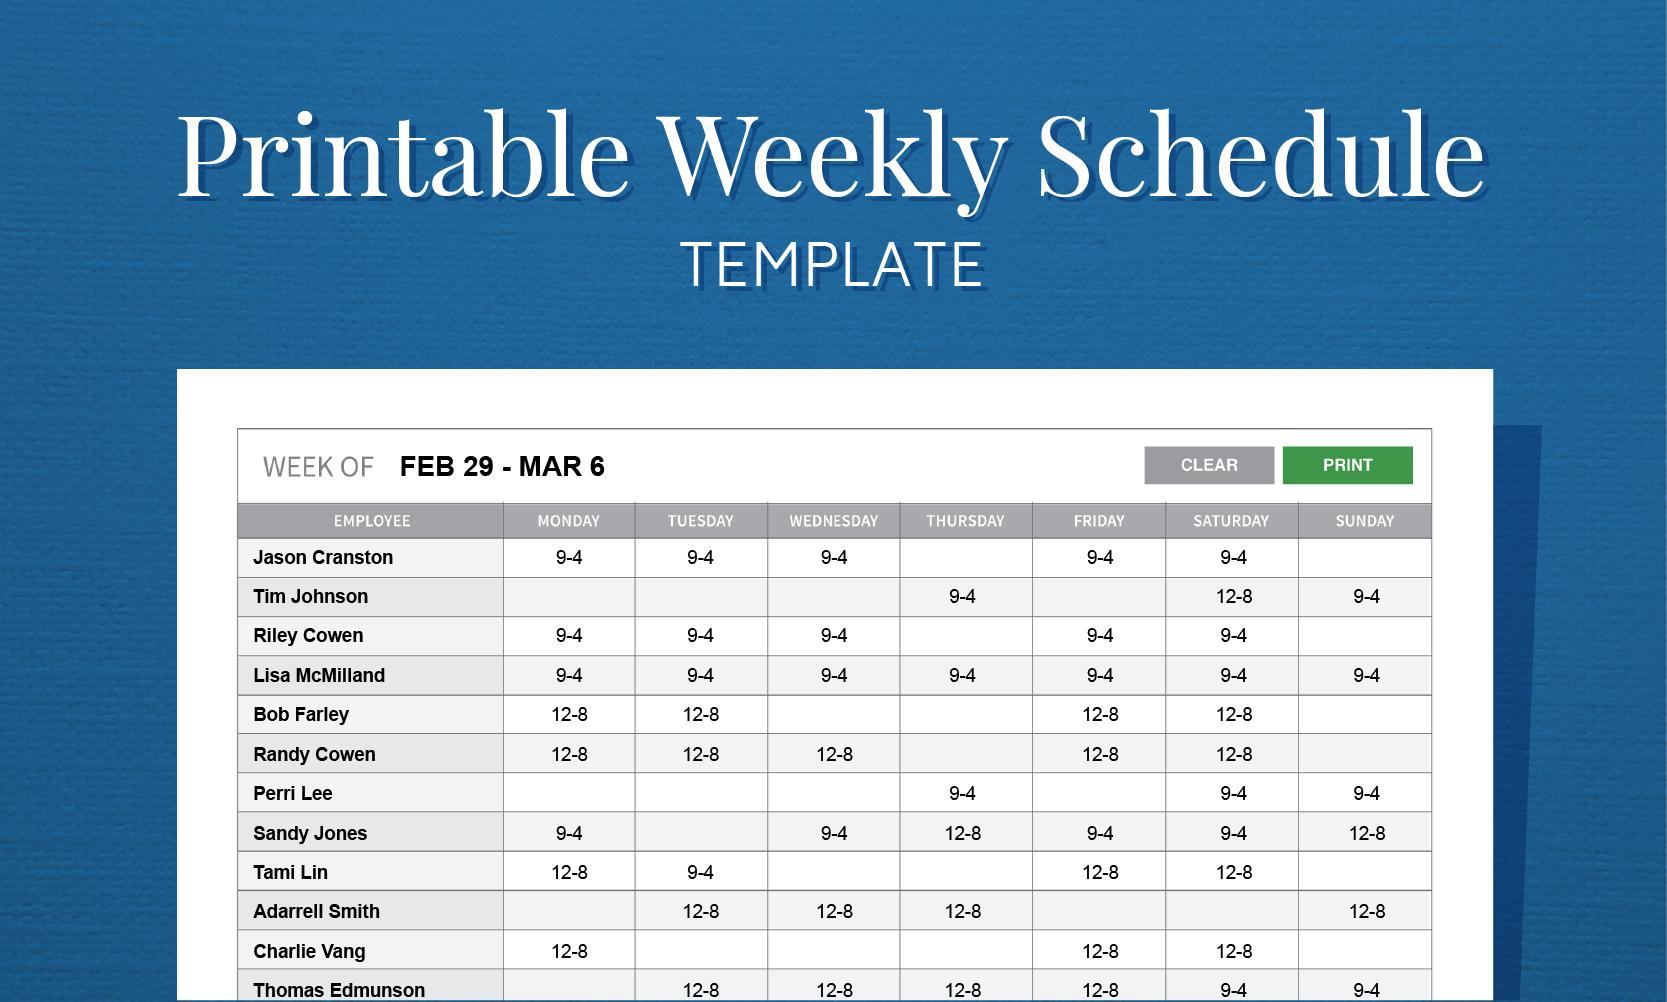 Free Printable Weekly Work Schedule Template For Employee Scheduling And Employee Schedule Templates Free